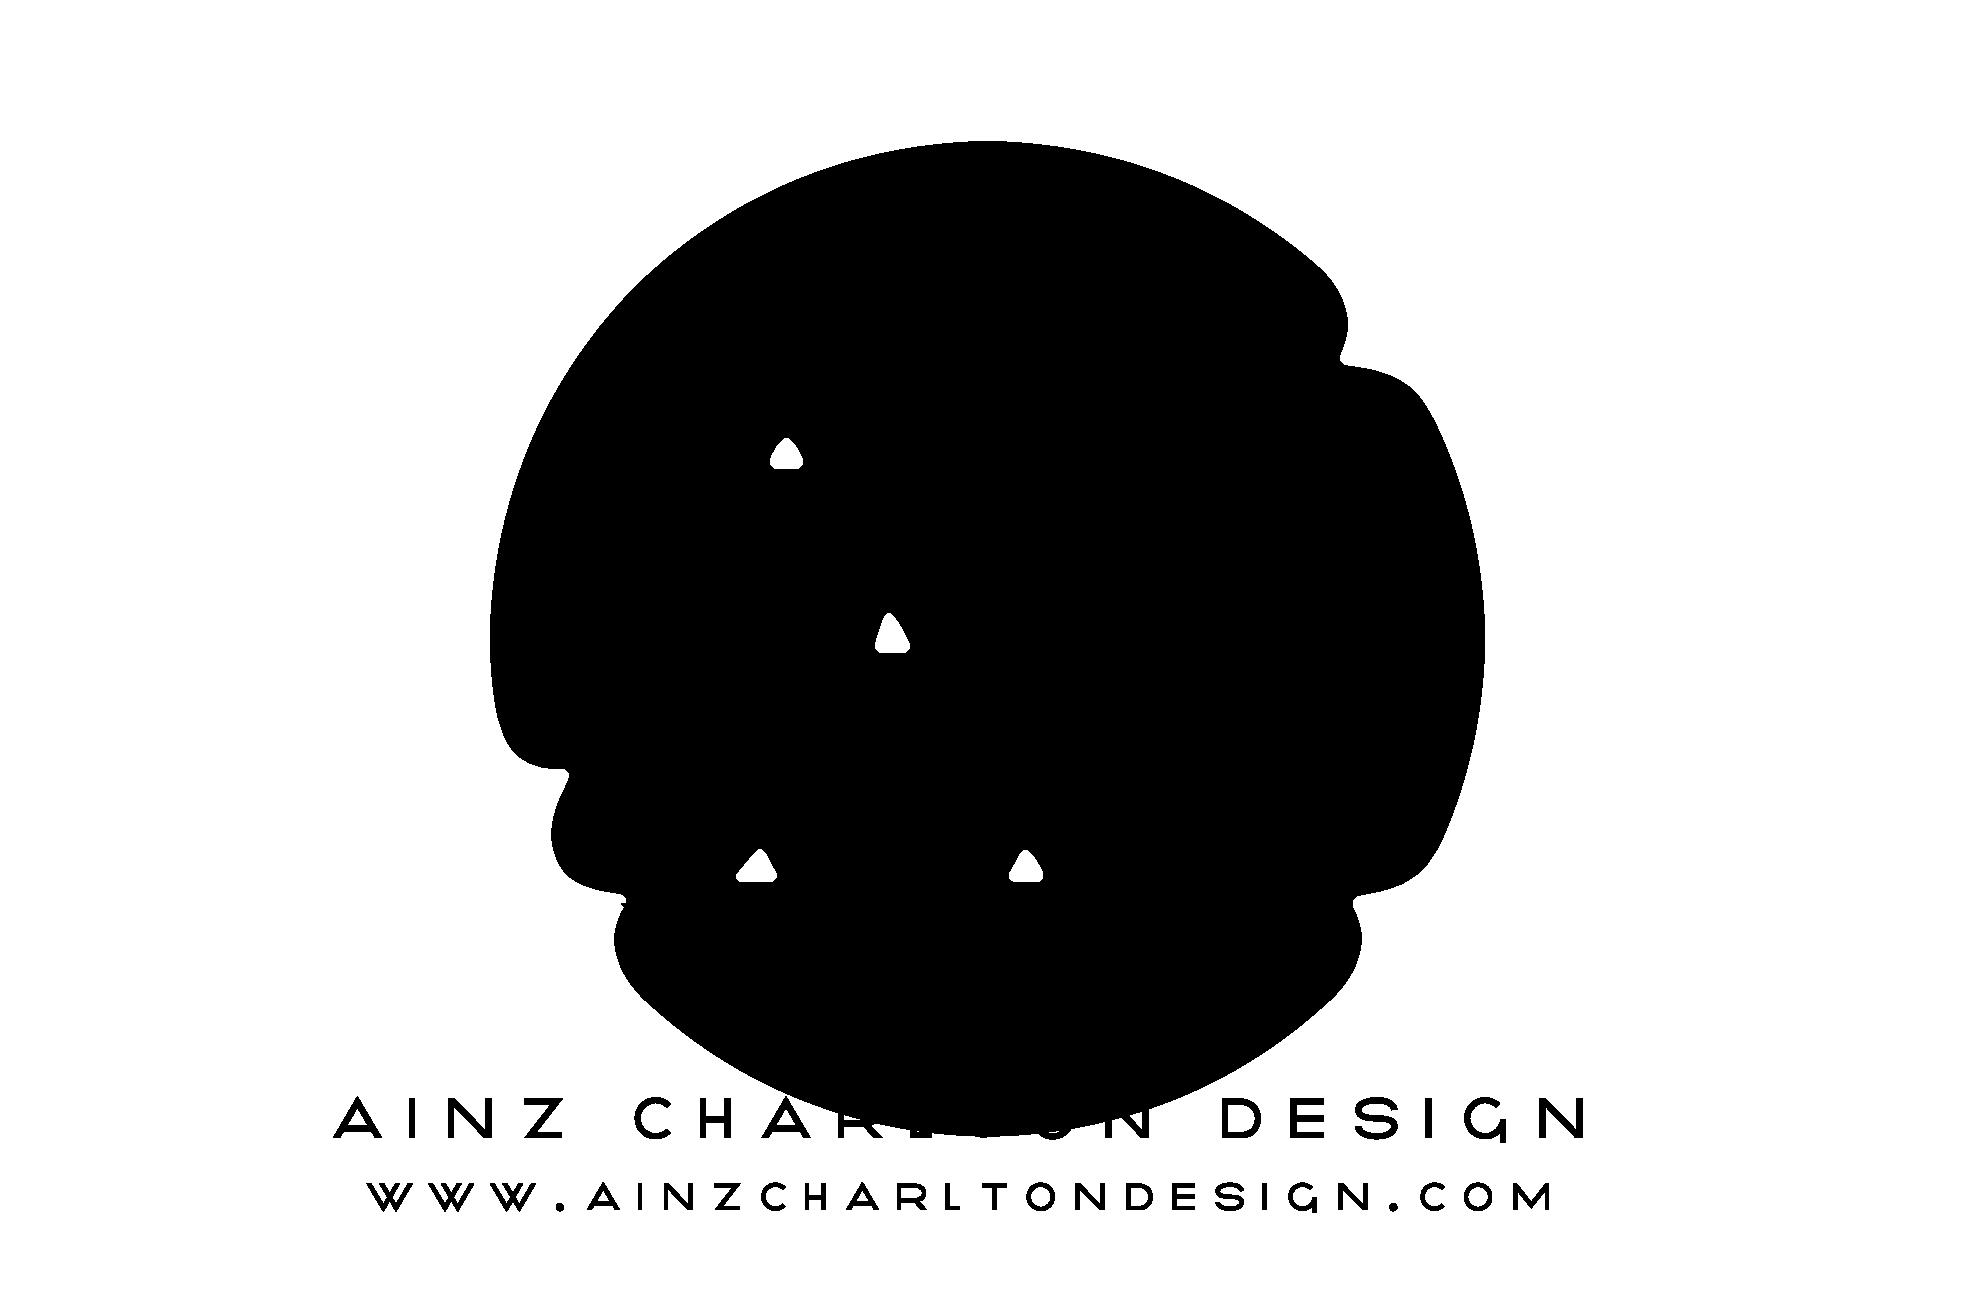 Logo Design & image background removal